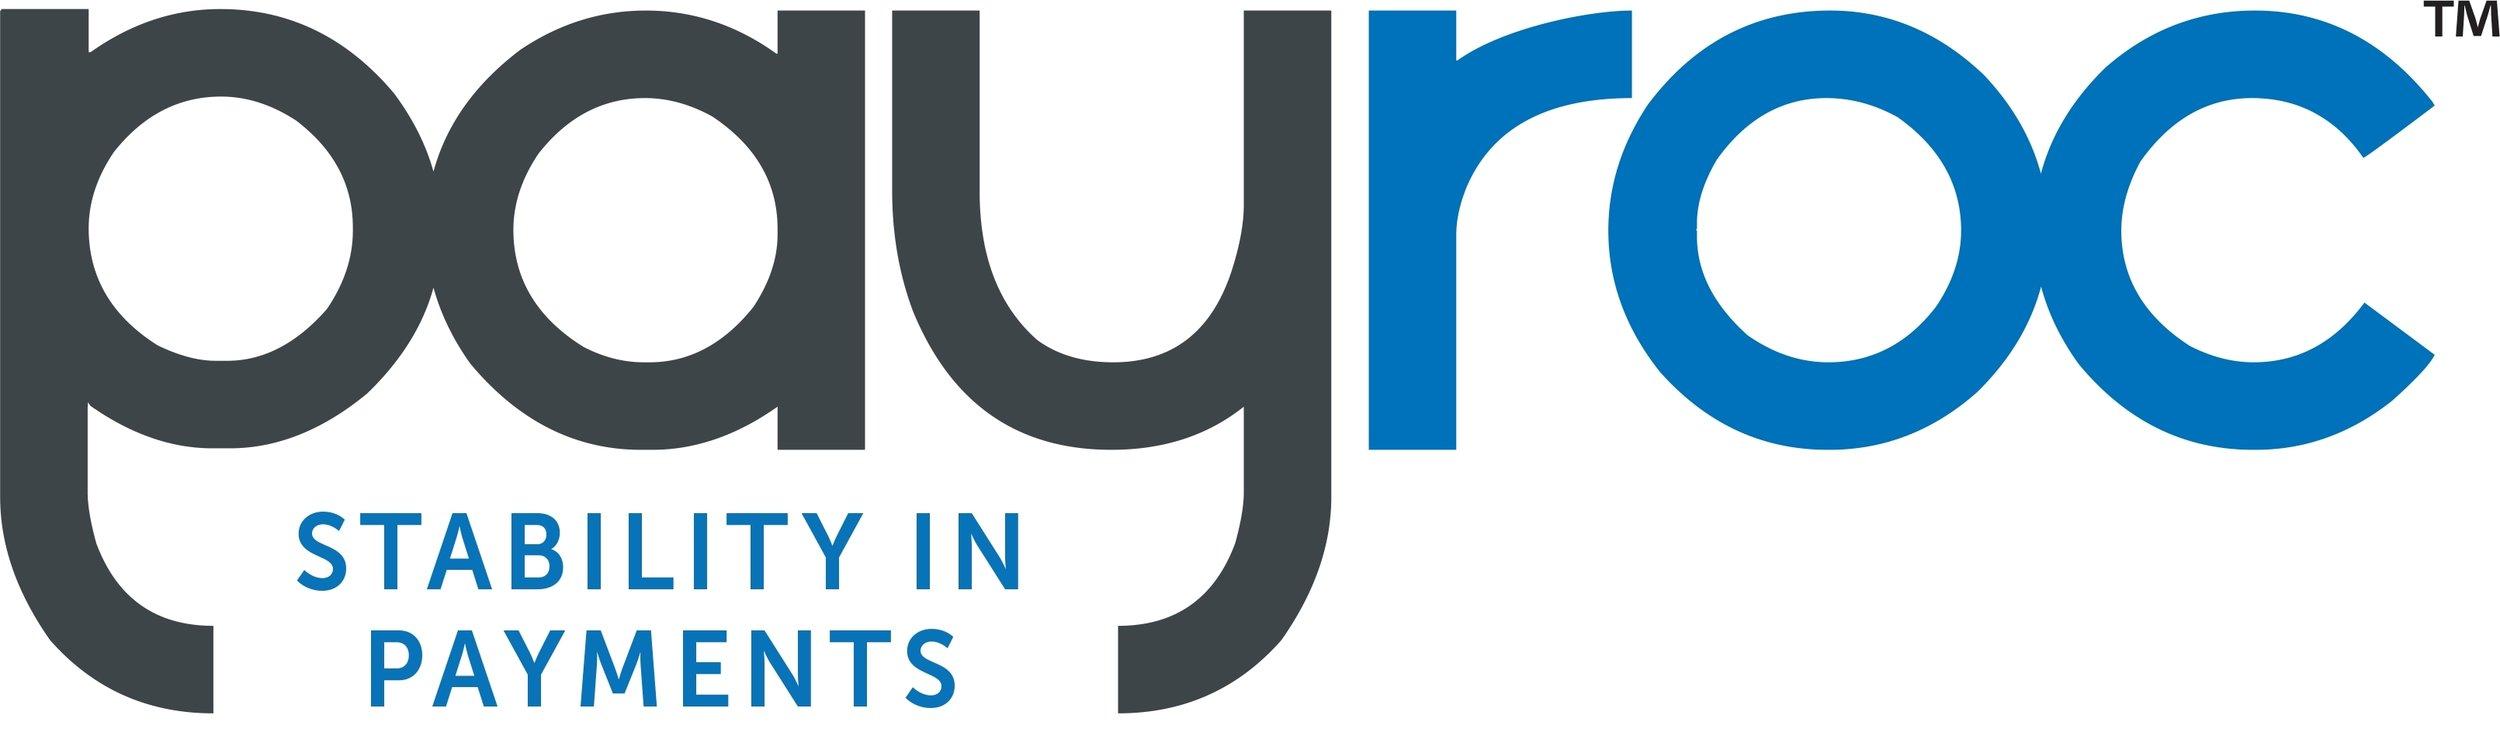 payroc-logo-hi-res.jpg